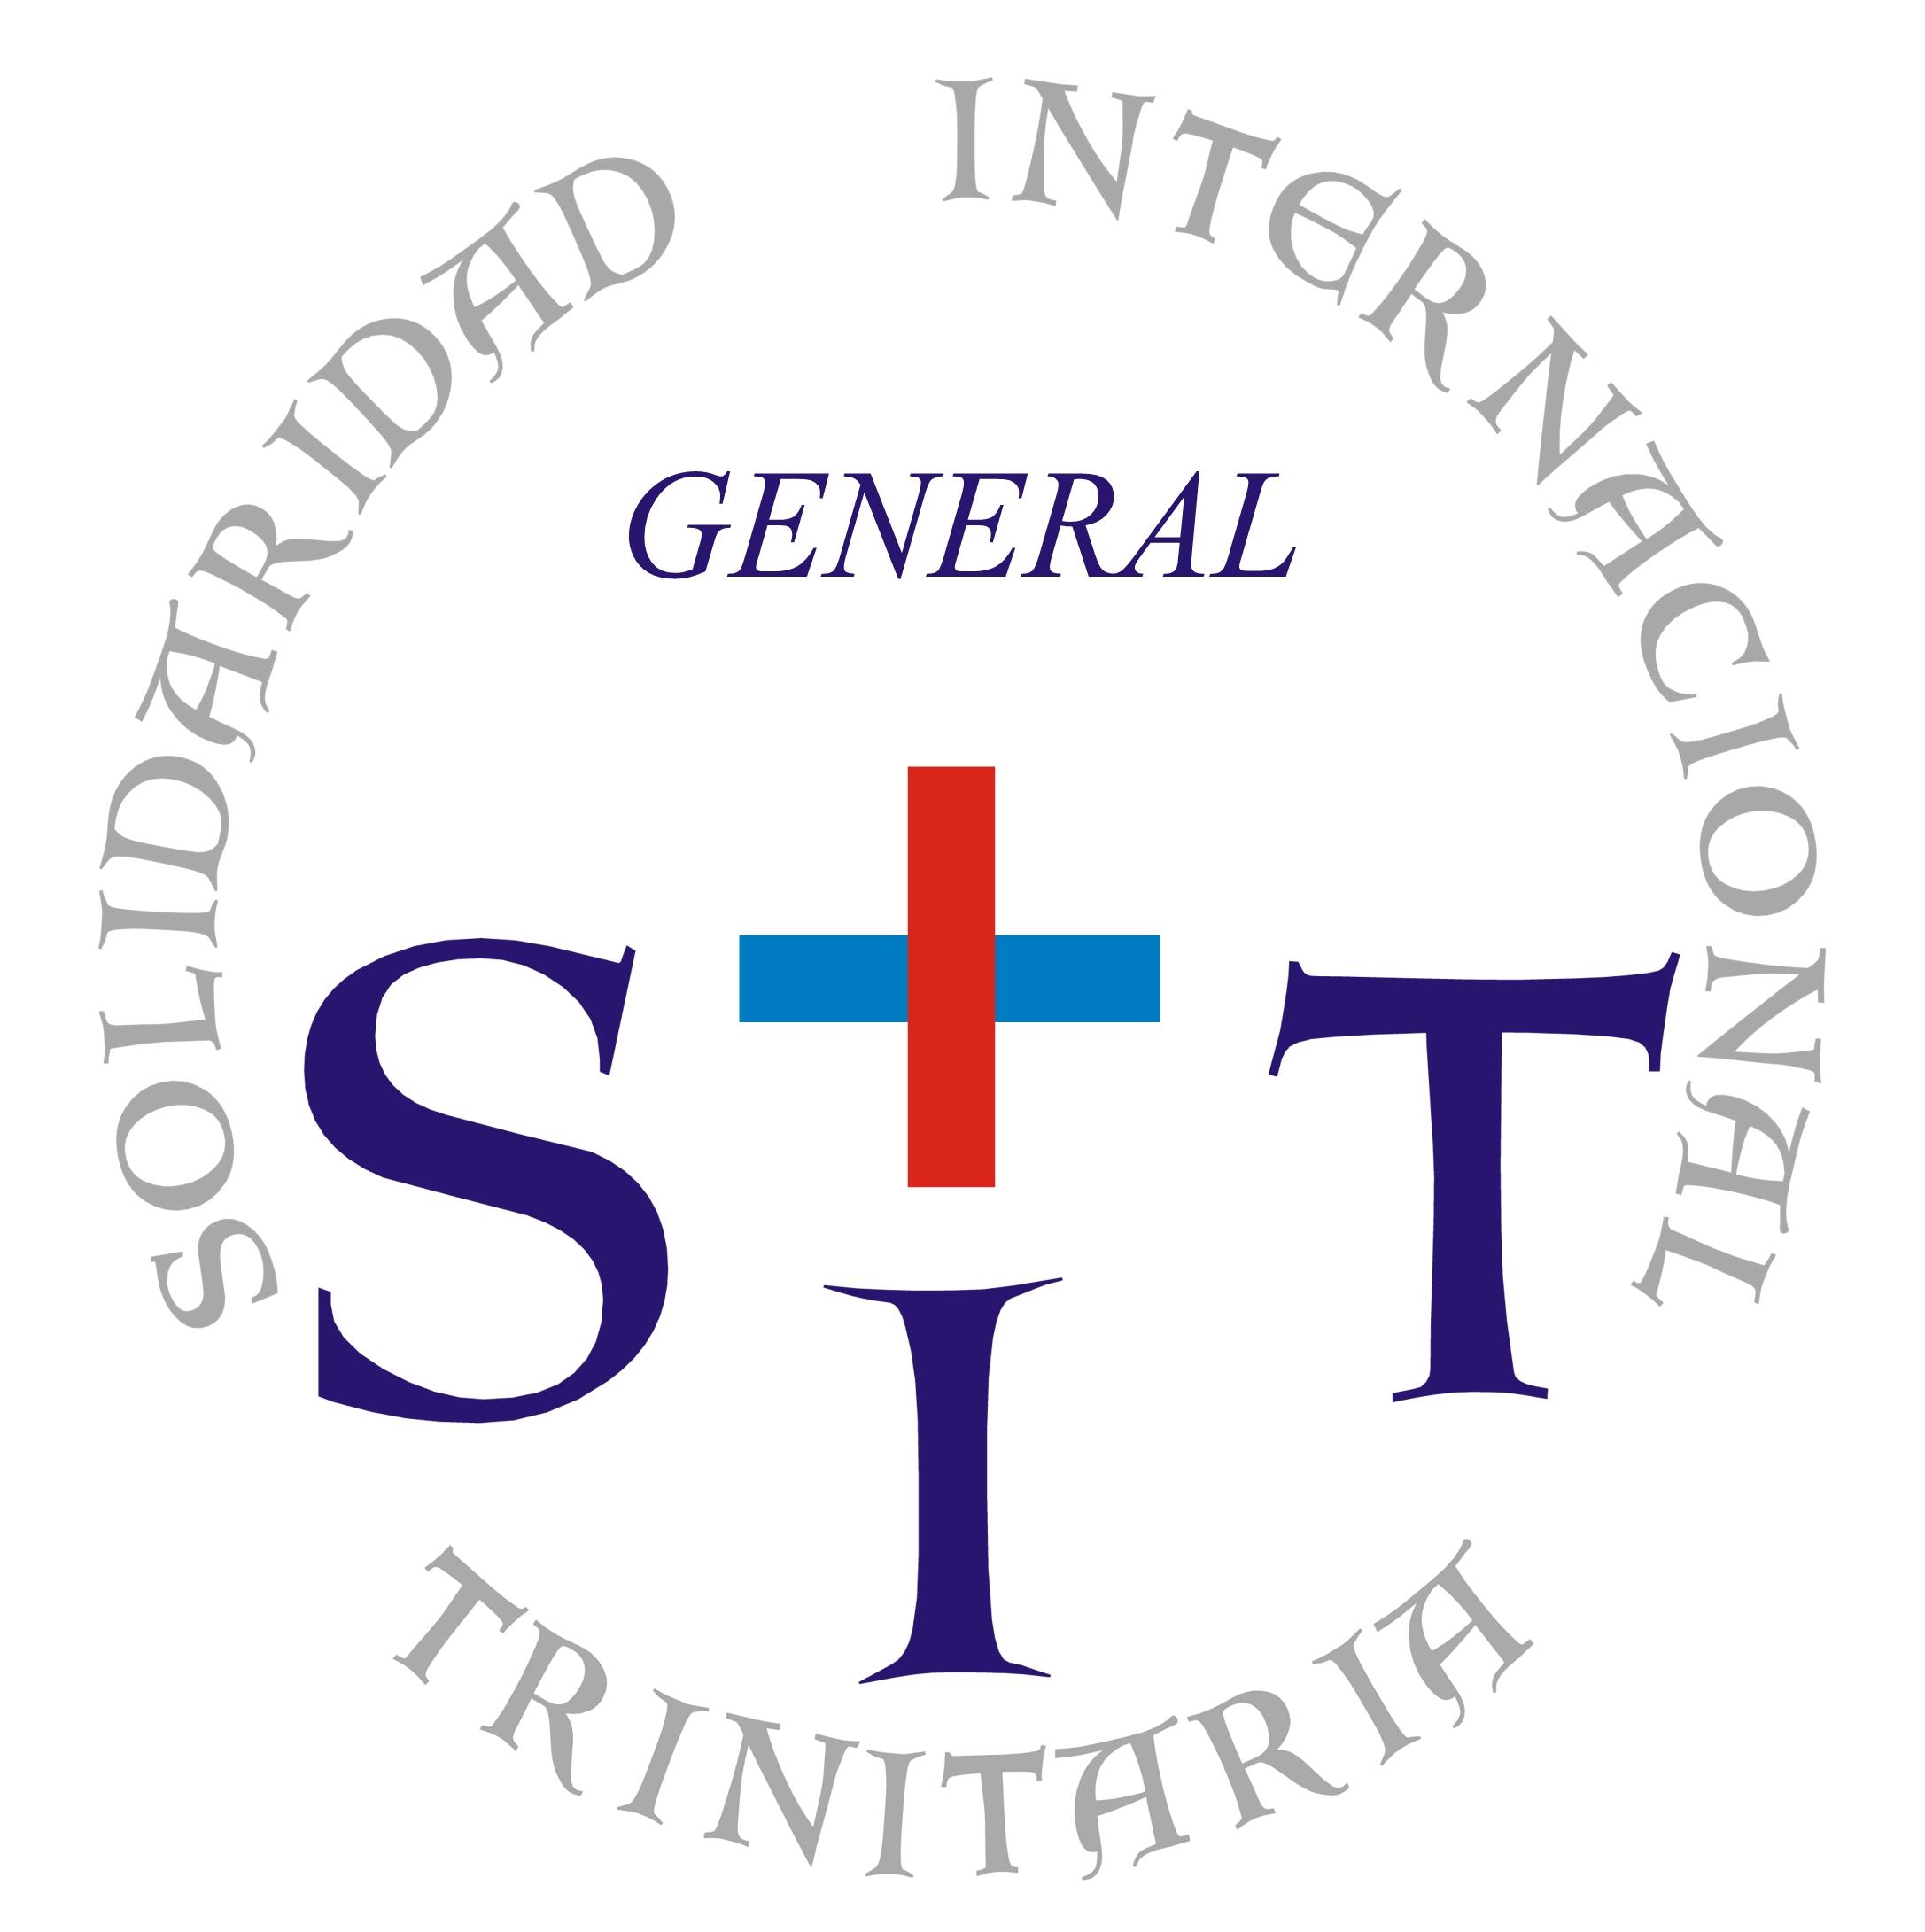 Solidarietà Internazionale Trinitaria (C)